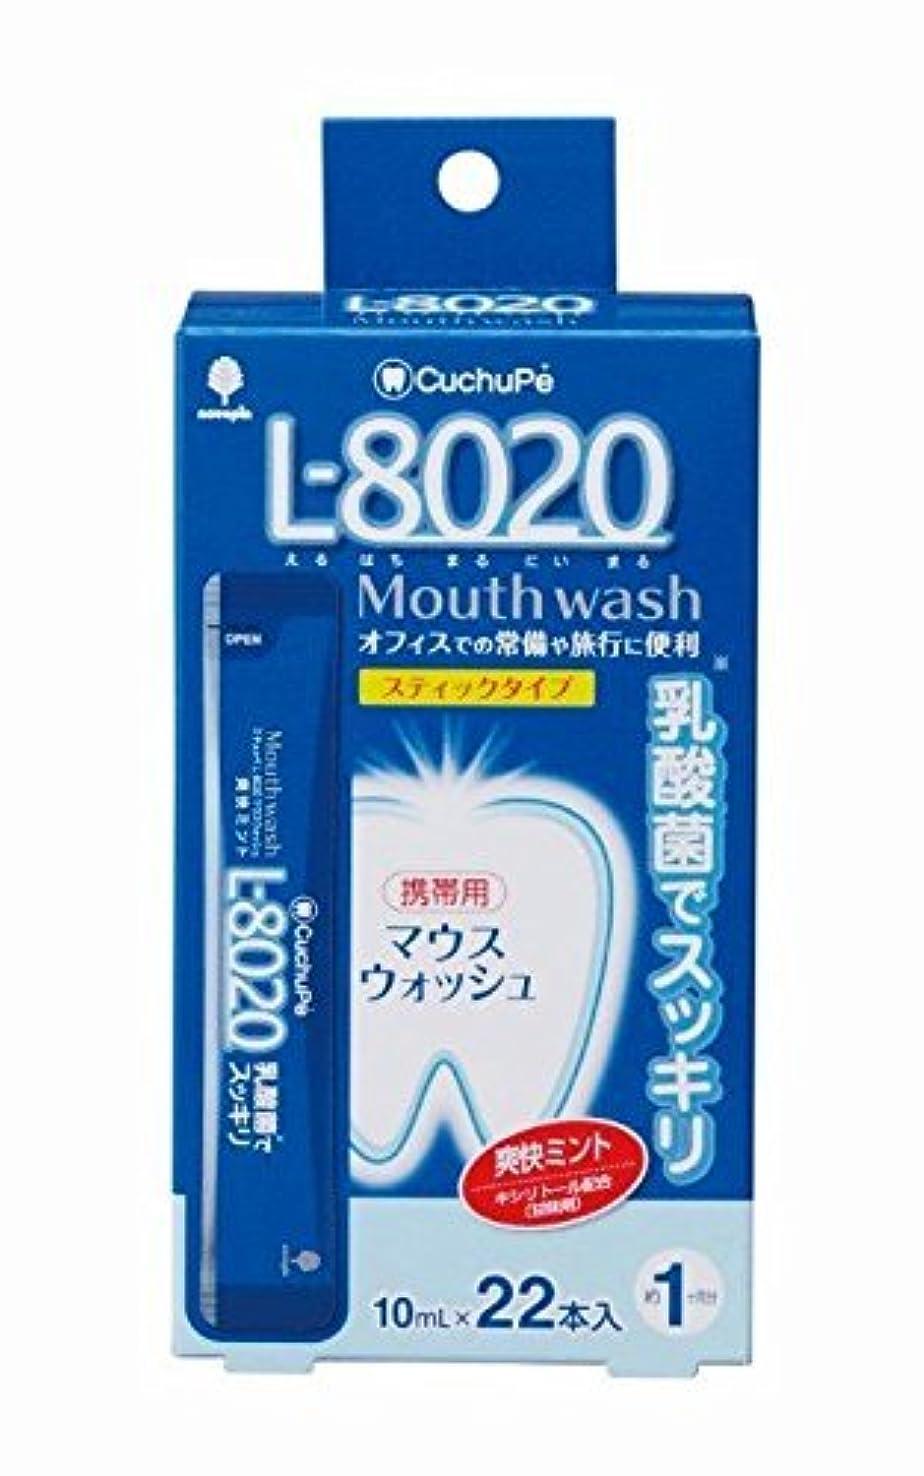 飢えた約設定ステンレスクチュッペL-8020爽快ミントスティックタイプ22本入(アルコール) 【まとめ買い6個セット】 K-7047 日本製 Japan